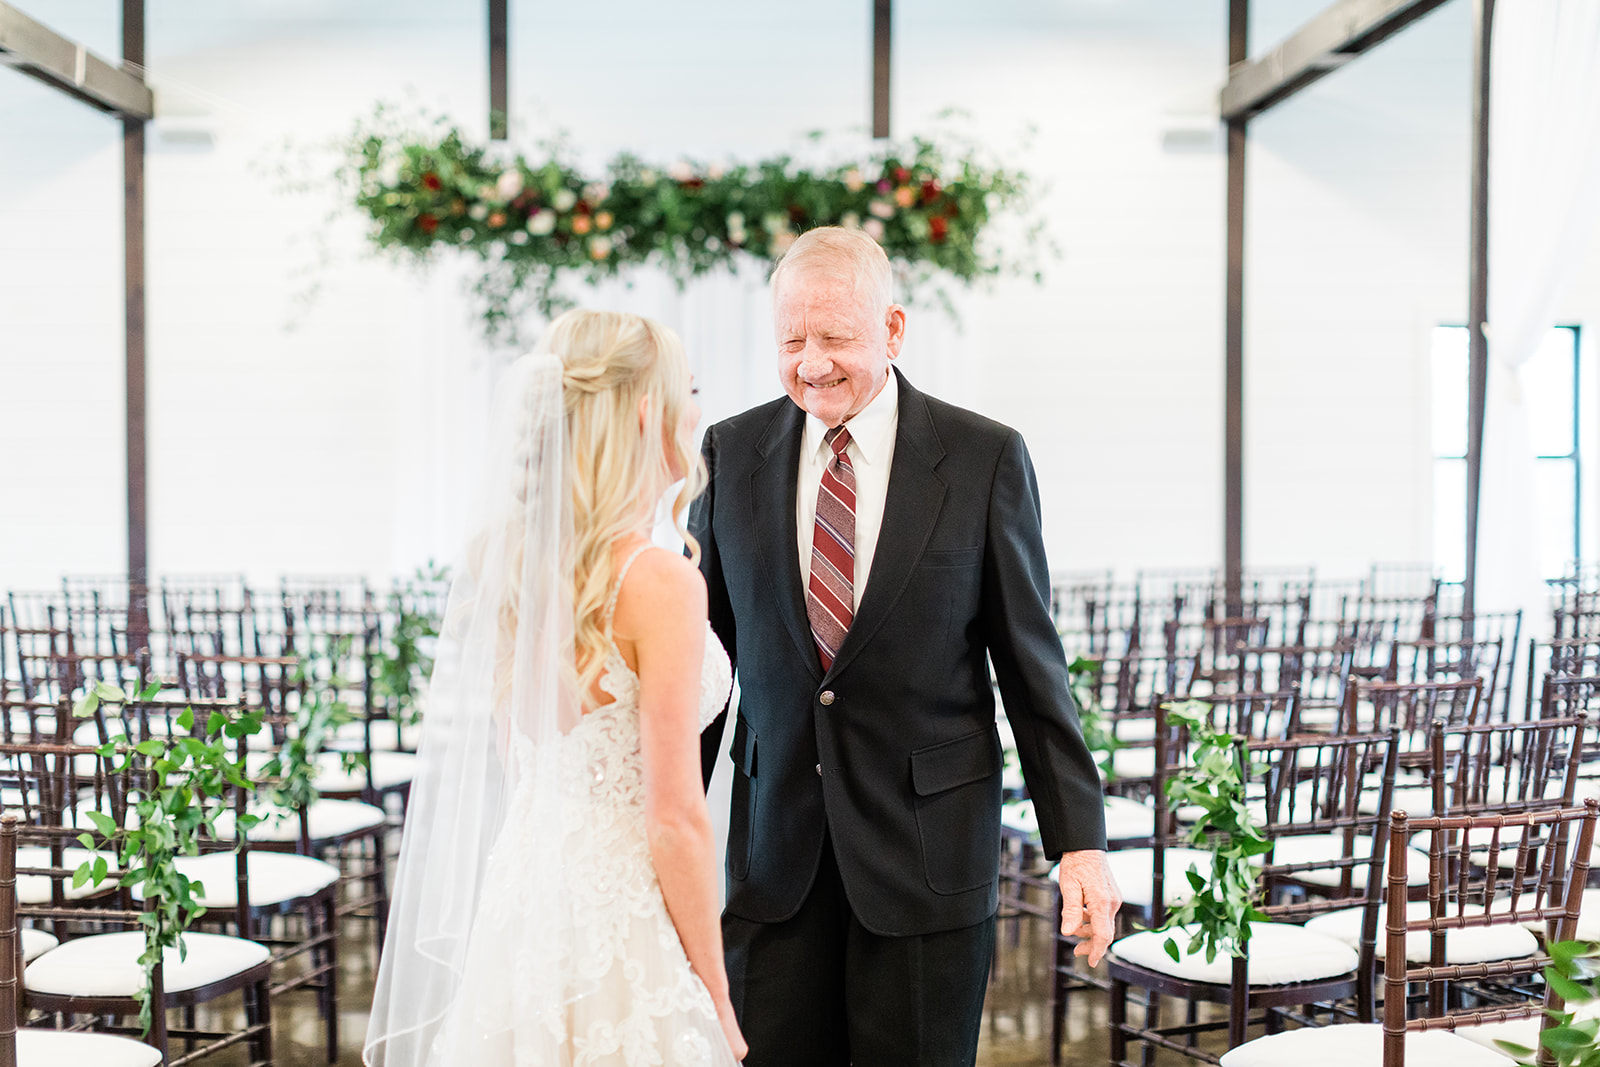 Bixby Tulsa Wedding Venues 19.jpg